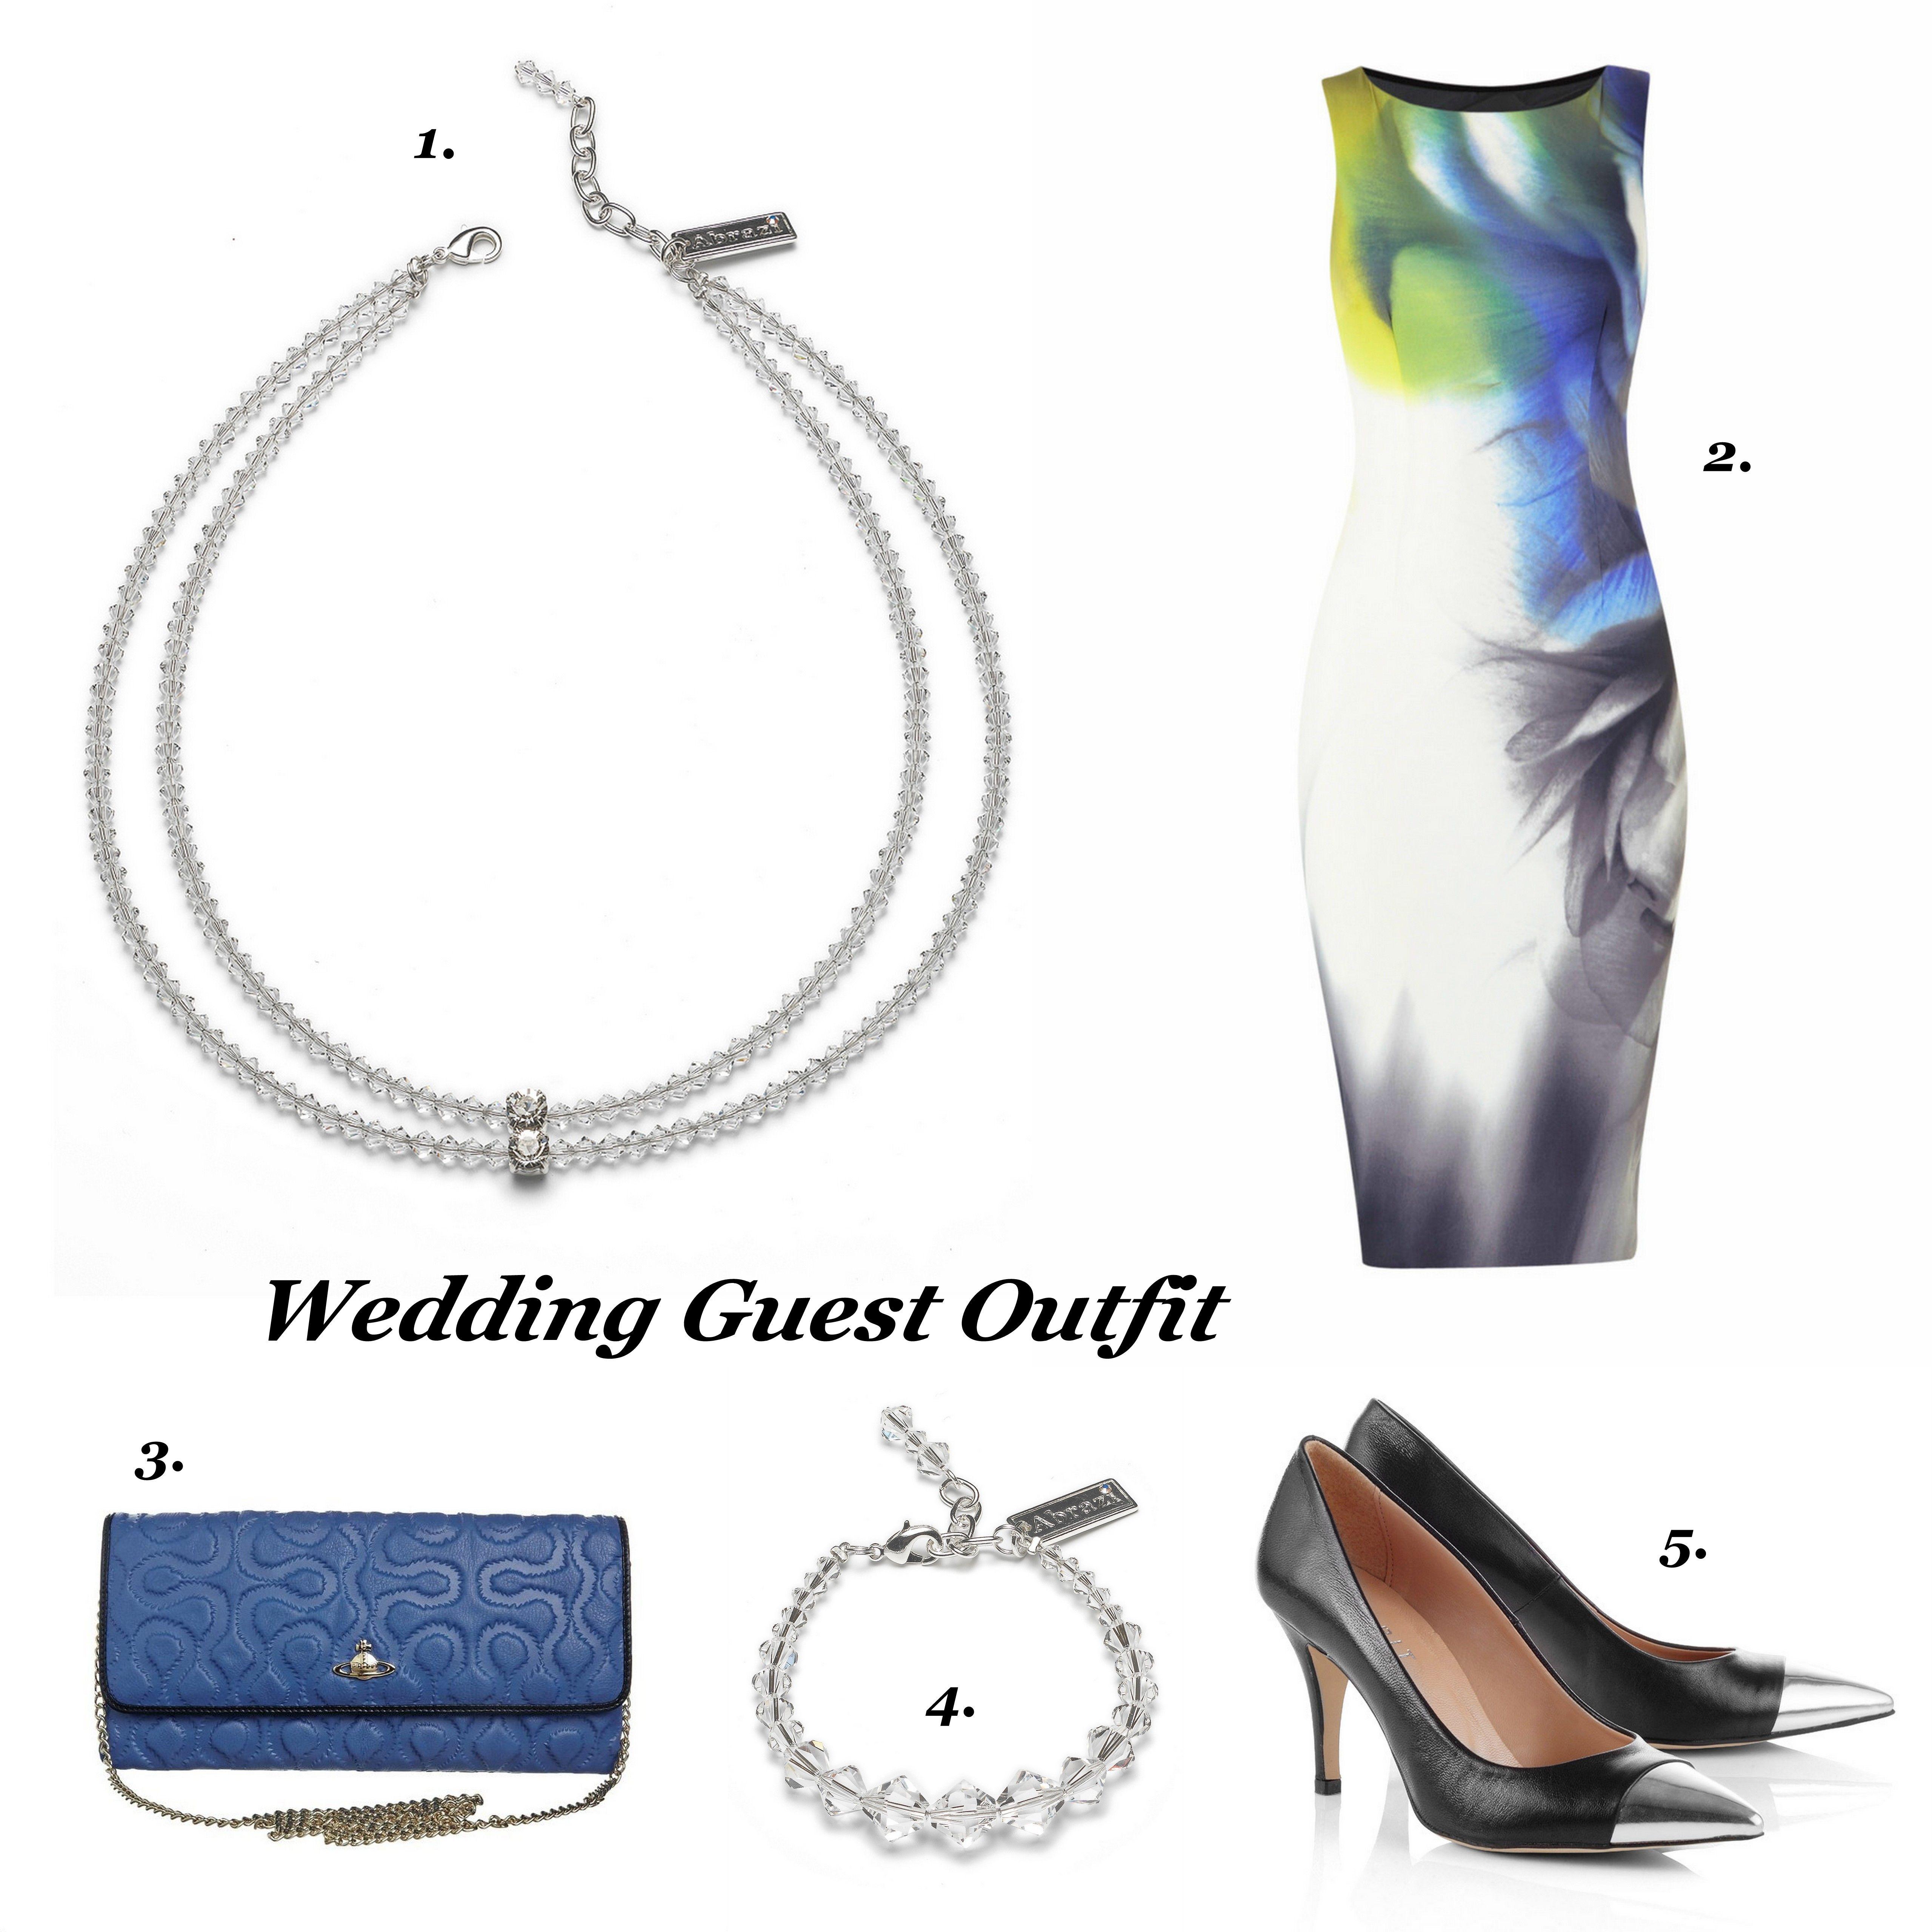 Lovely wedding guest outfit!  1.Necklace: Abrazi, 2.Dress: Karen Millen, 3.Clutch: Vivienne Westwood, 4.Bracelet: Abrazi, 5.Pumps: Esprit